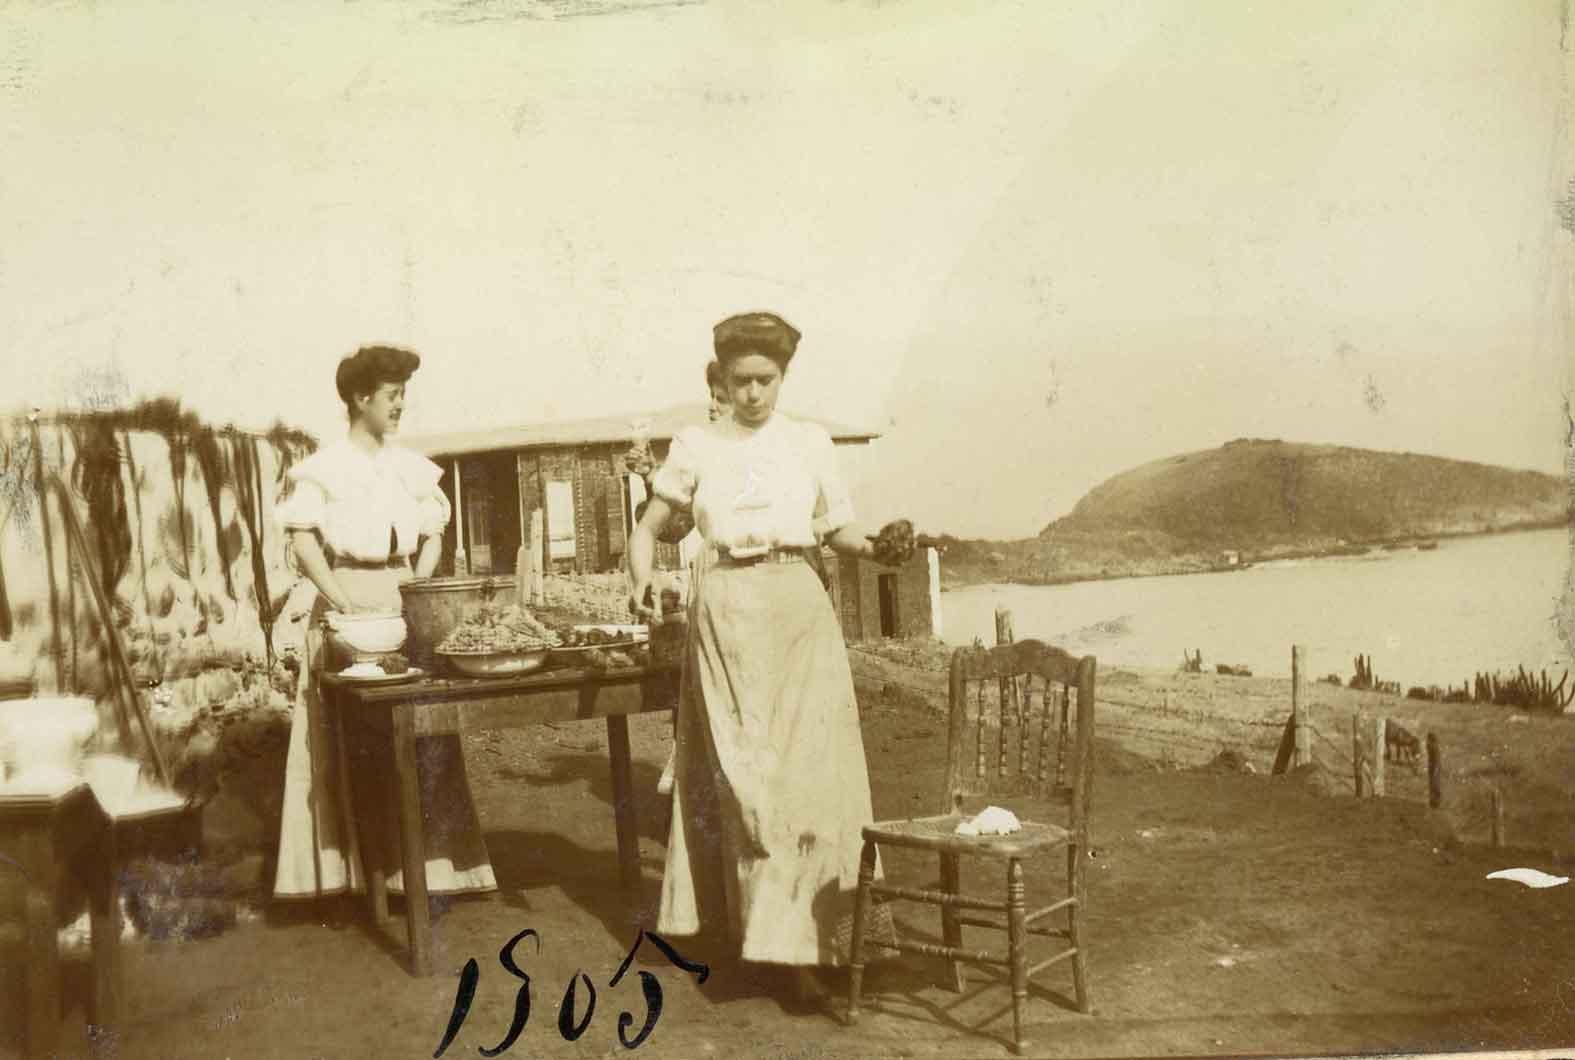 Enterreno - Fotos históricas de chile - fotos antiguas de Chile - Zapallar en 1905